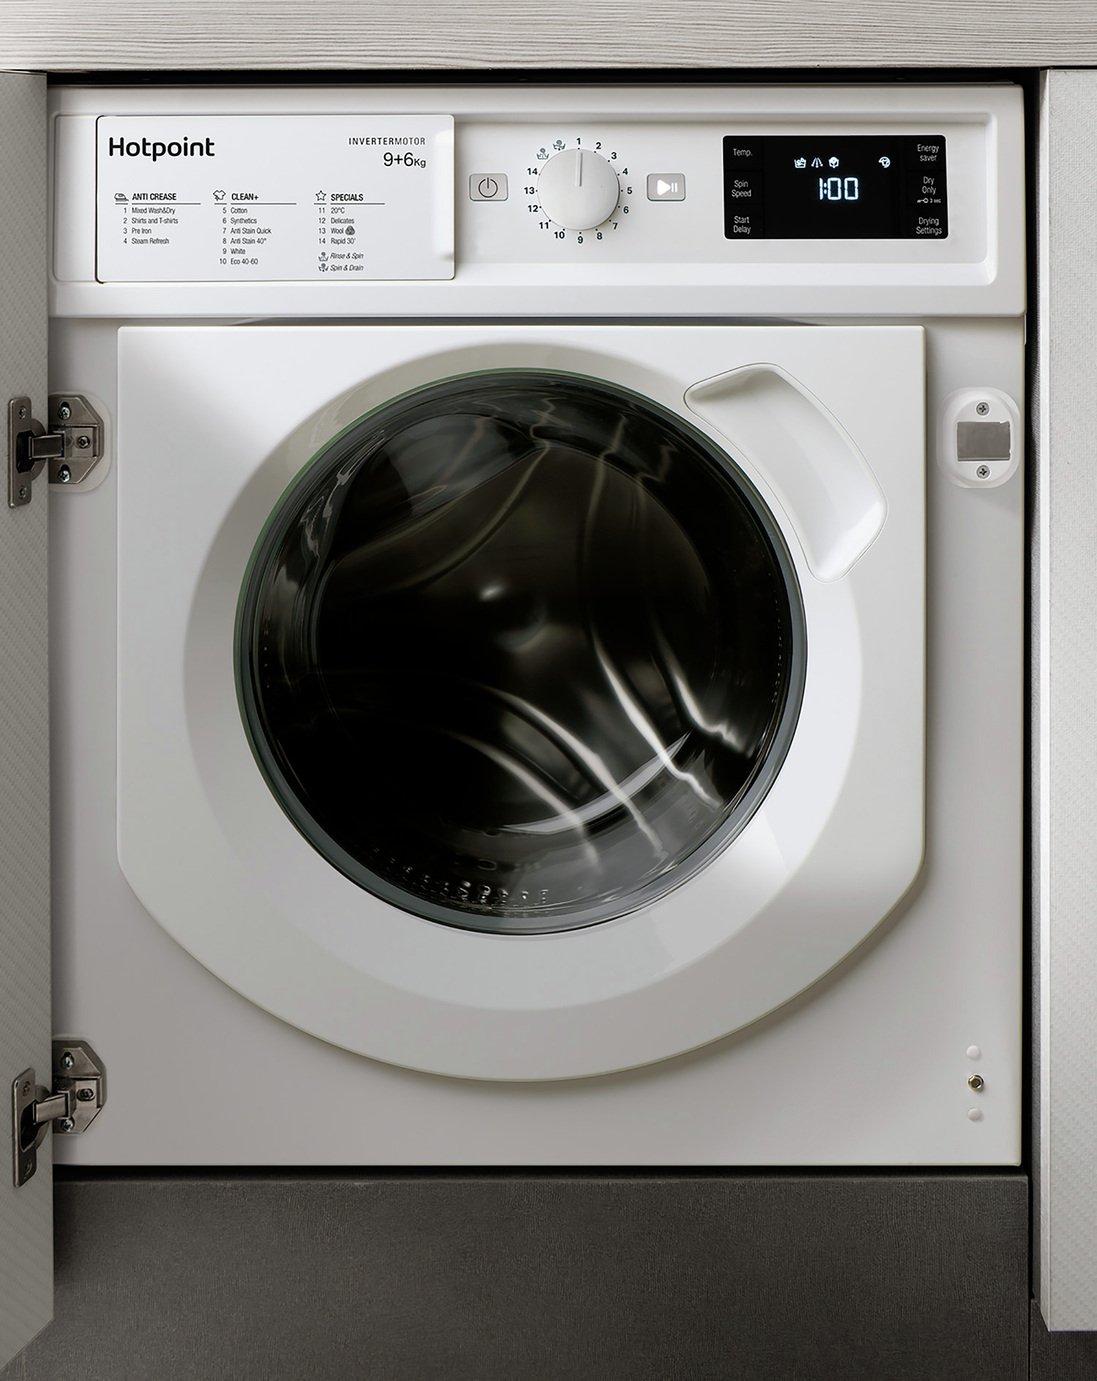 Hotpoint BIWDHG961484 9kg 1400 Spin Integrated Washer Dryer